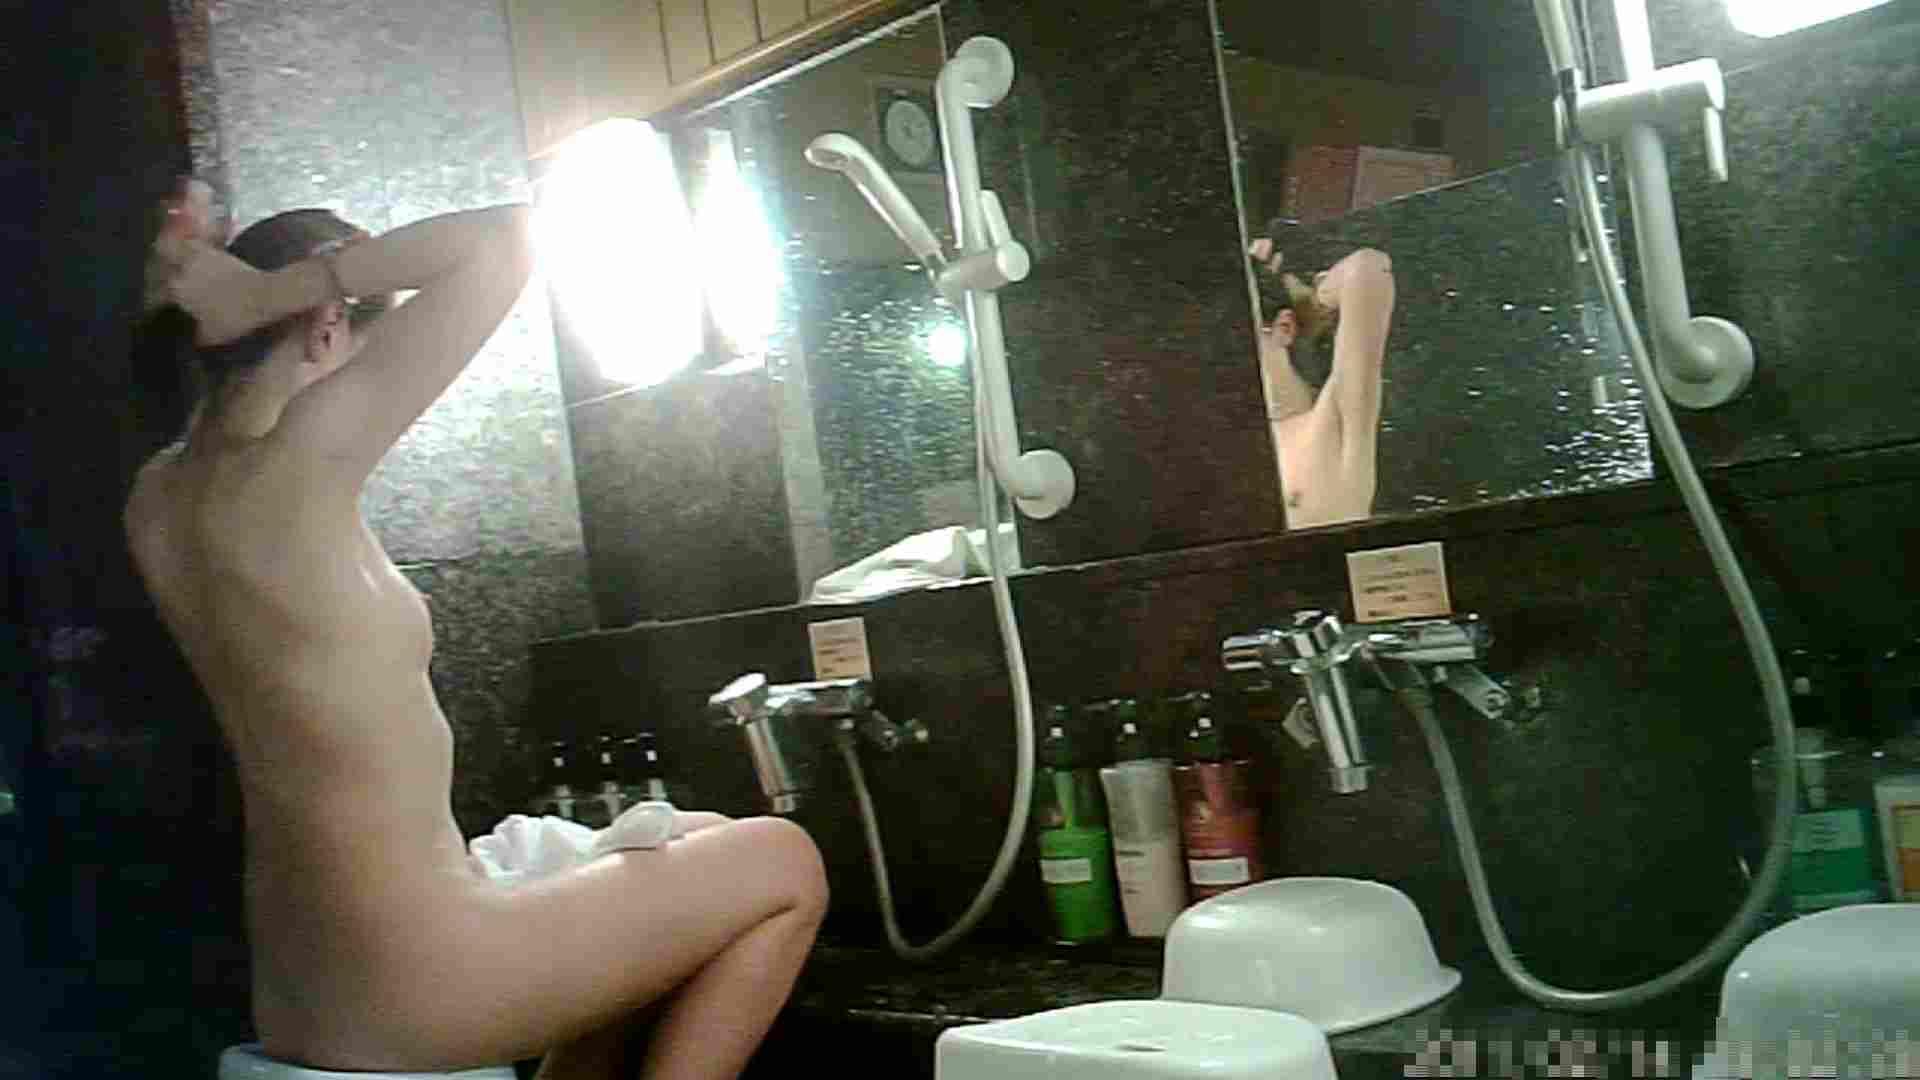 女撮師スーパー銭湯 オムニバスVol.13 潜入 盗撮おまんこ無修正動画無料 59pic 18